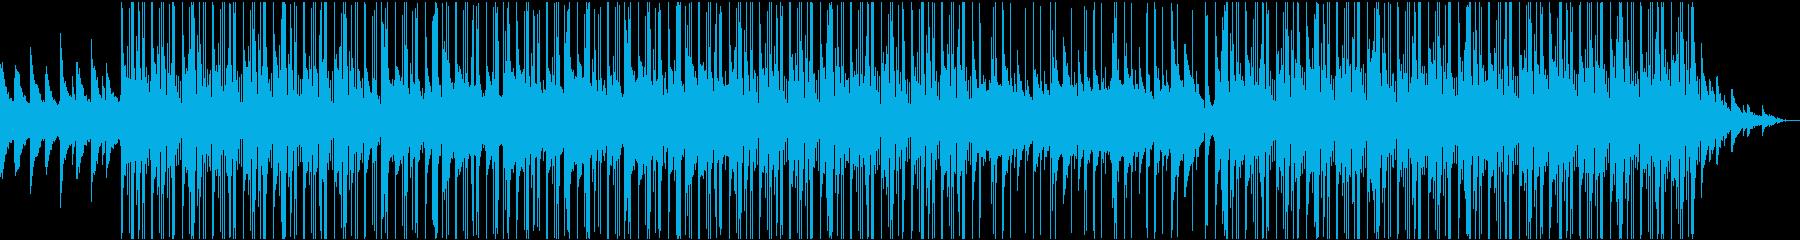 ピアノとアコギ 夜明け 透明感 広がりの再生済みの波形